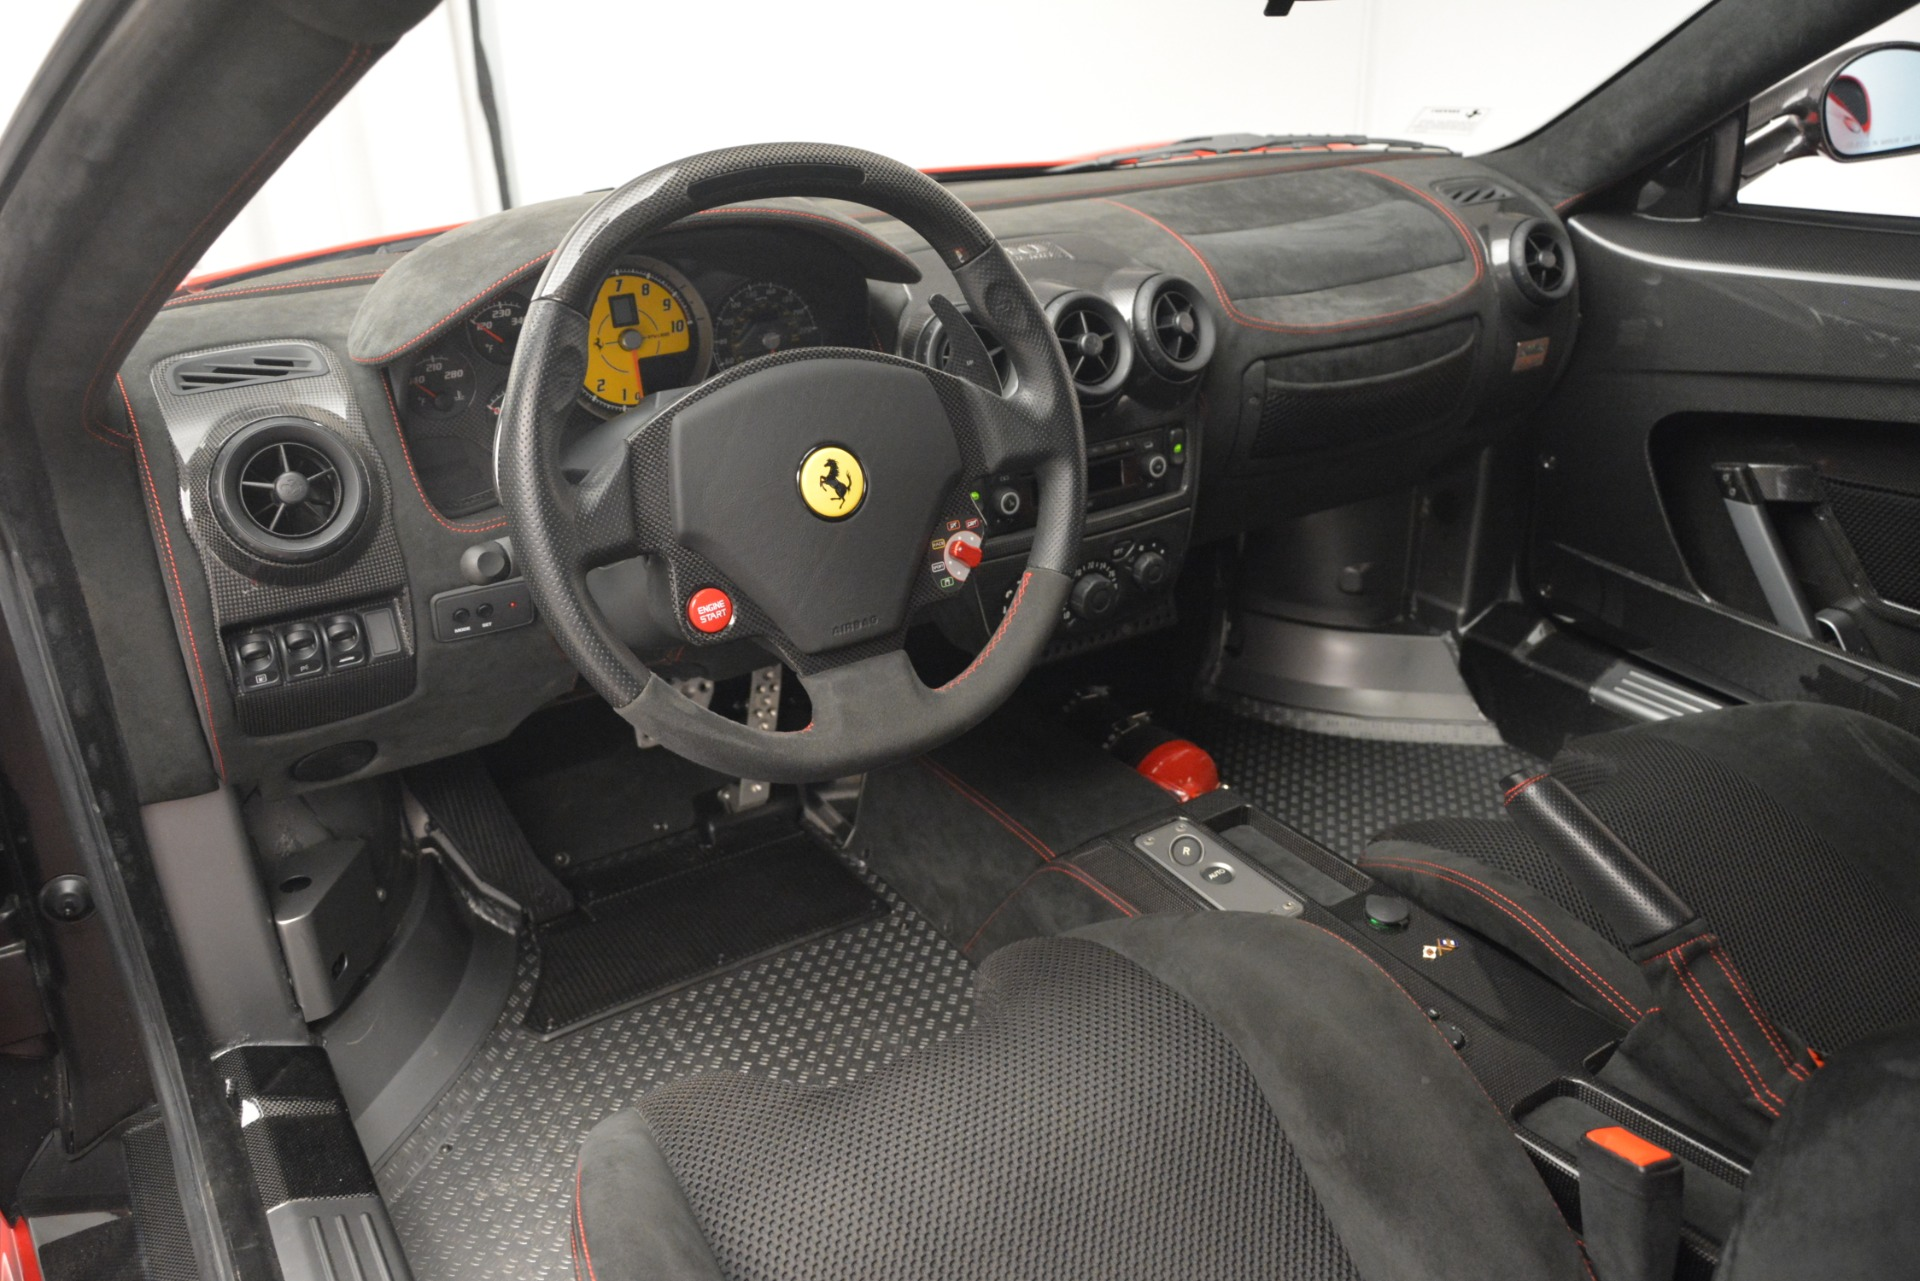 Used 2008 Ferrari F430 Scuderia For Sale In Greenwich, CT 2955_p13